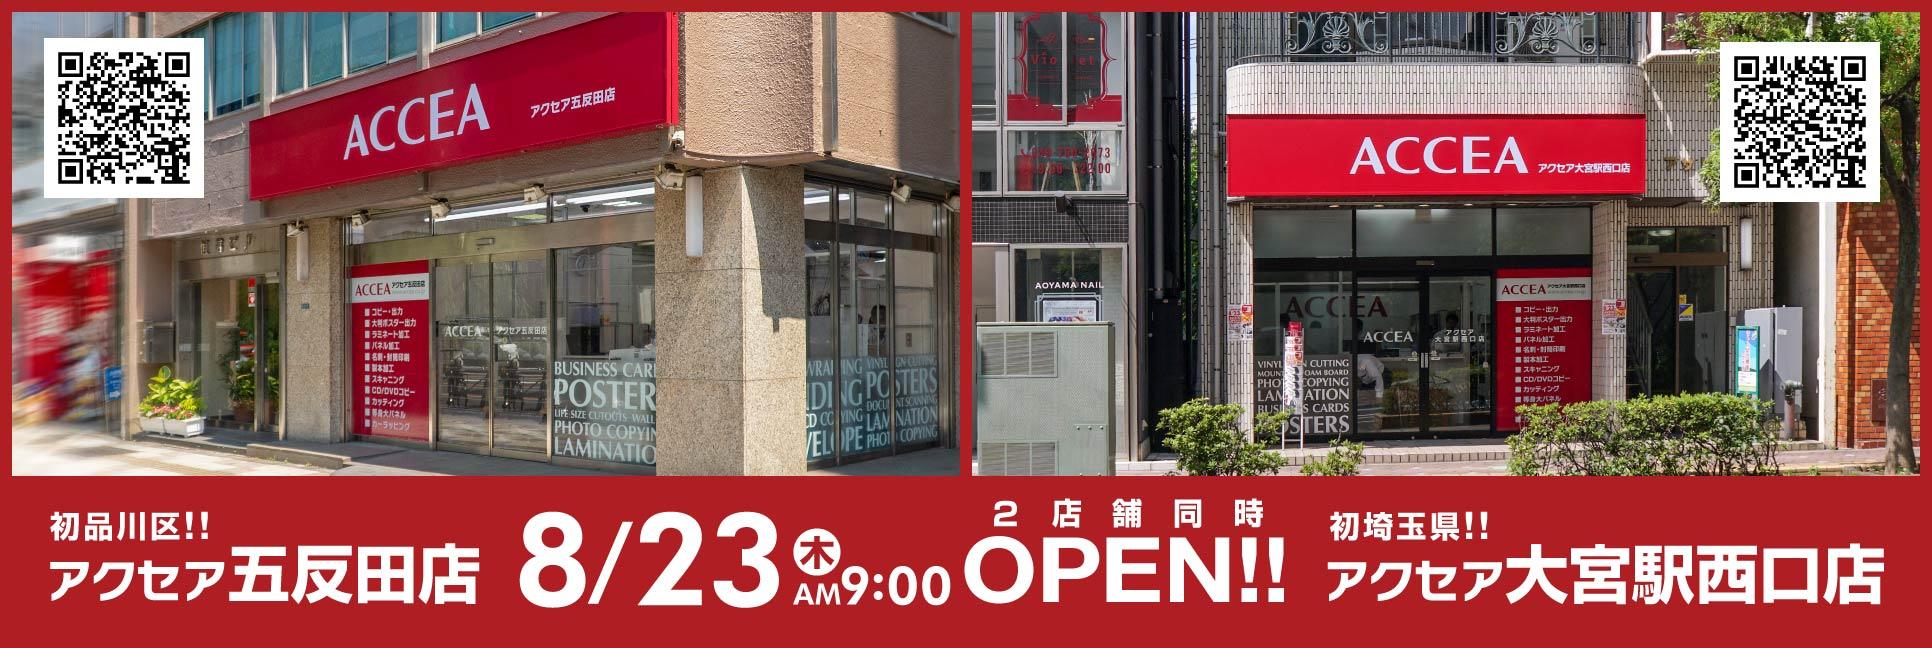 アクセア 五反田・大宮オープン